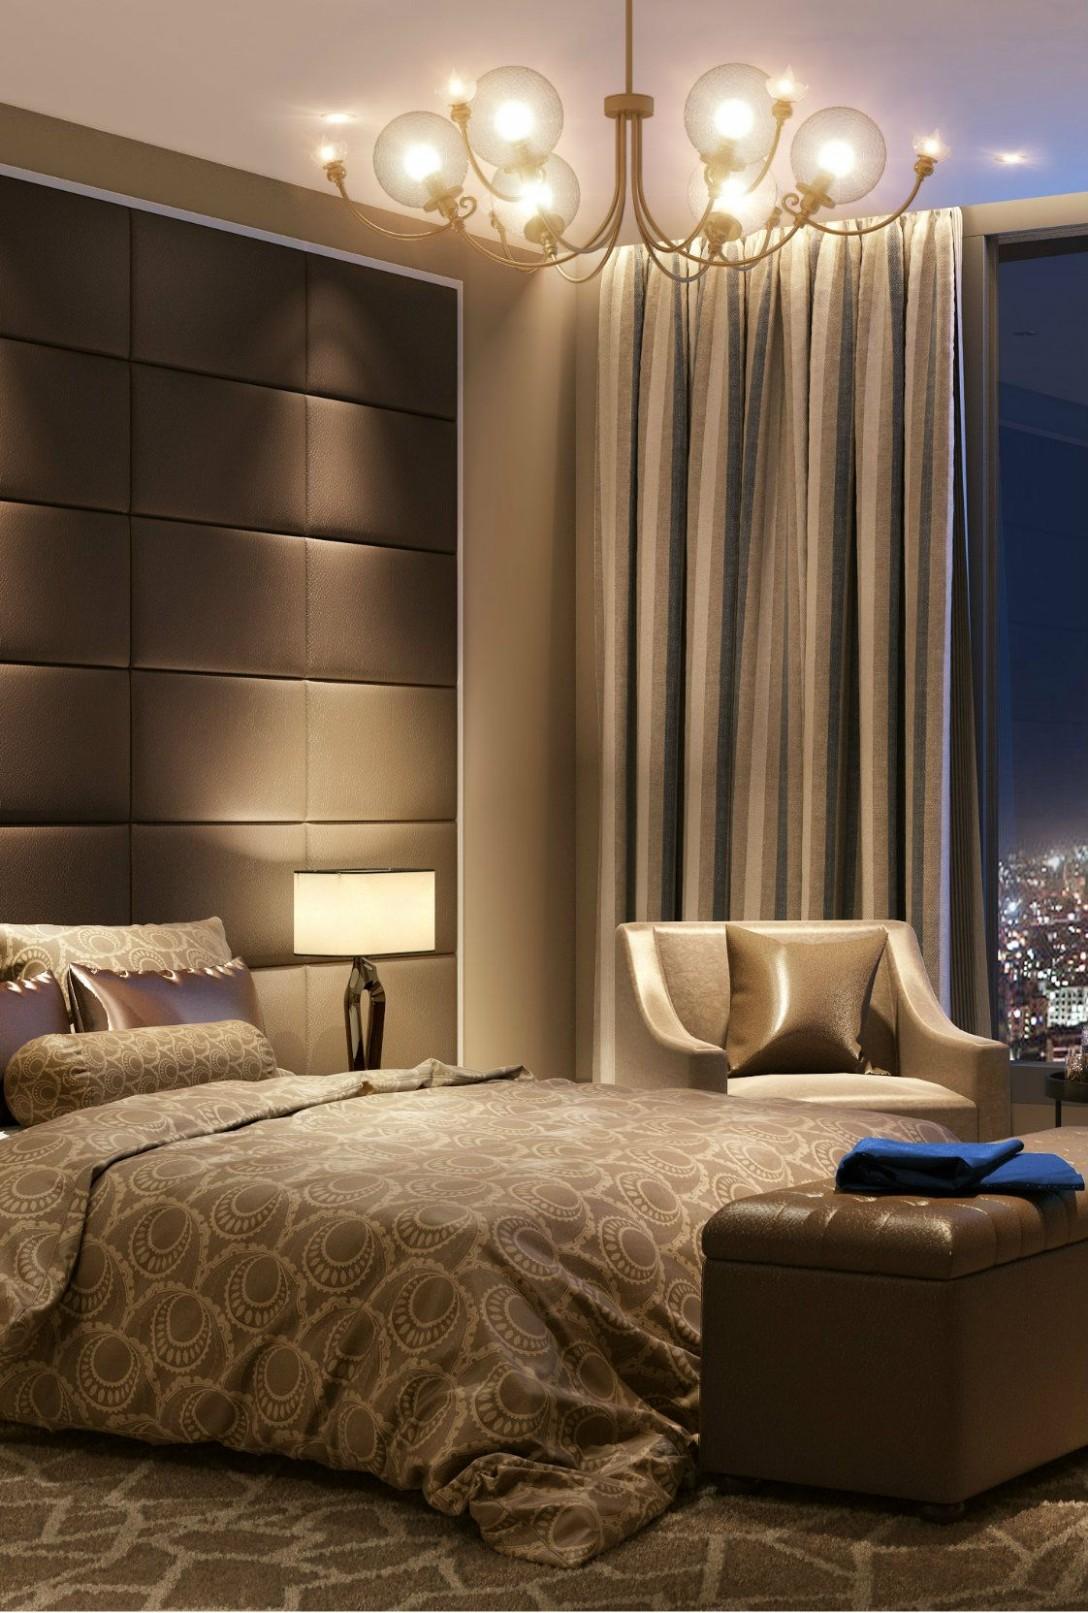 8 Stylish Hotel Bedroom Ideas To Keep An Eye  Hotel style bedroom  - Bedroom Ideas Hotel Style